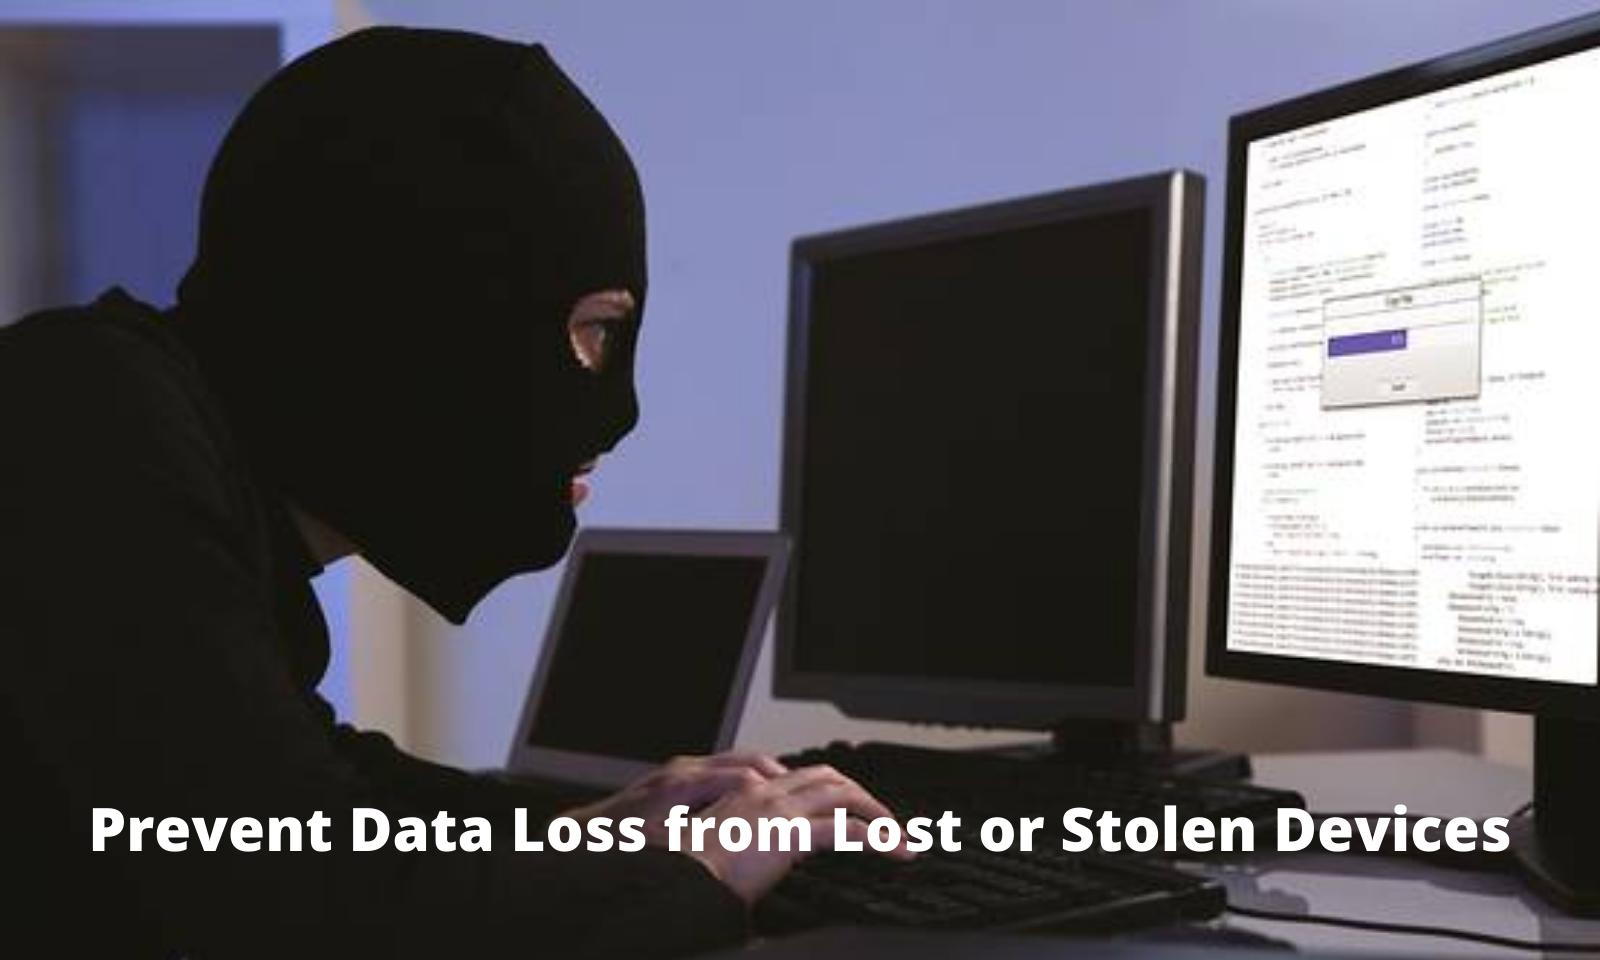 Evite a perda de dados devido a dispositivos perdidos ou roubados